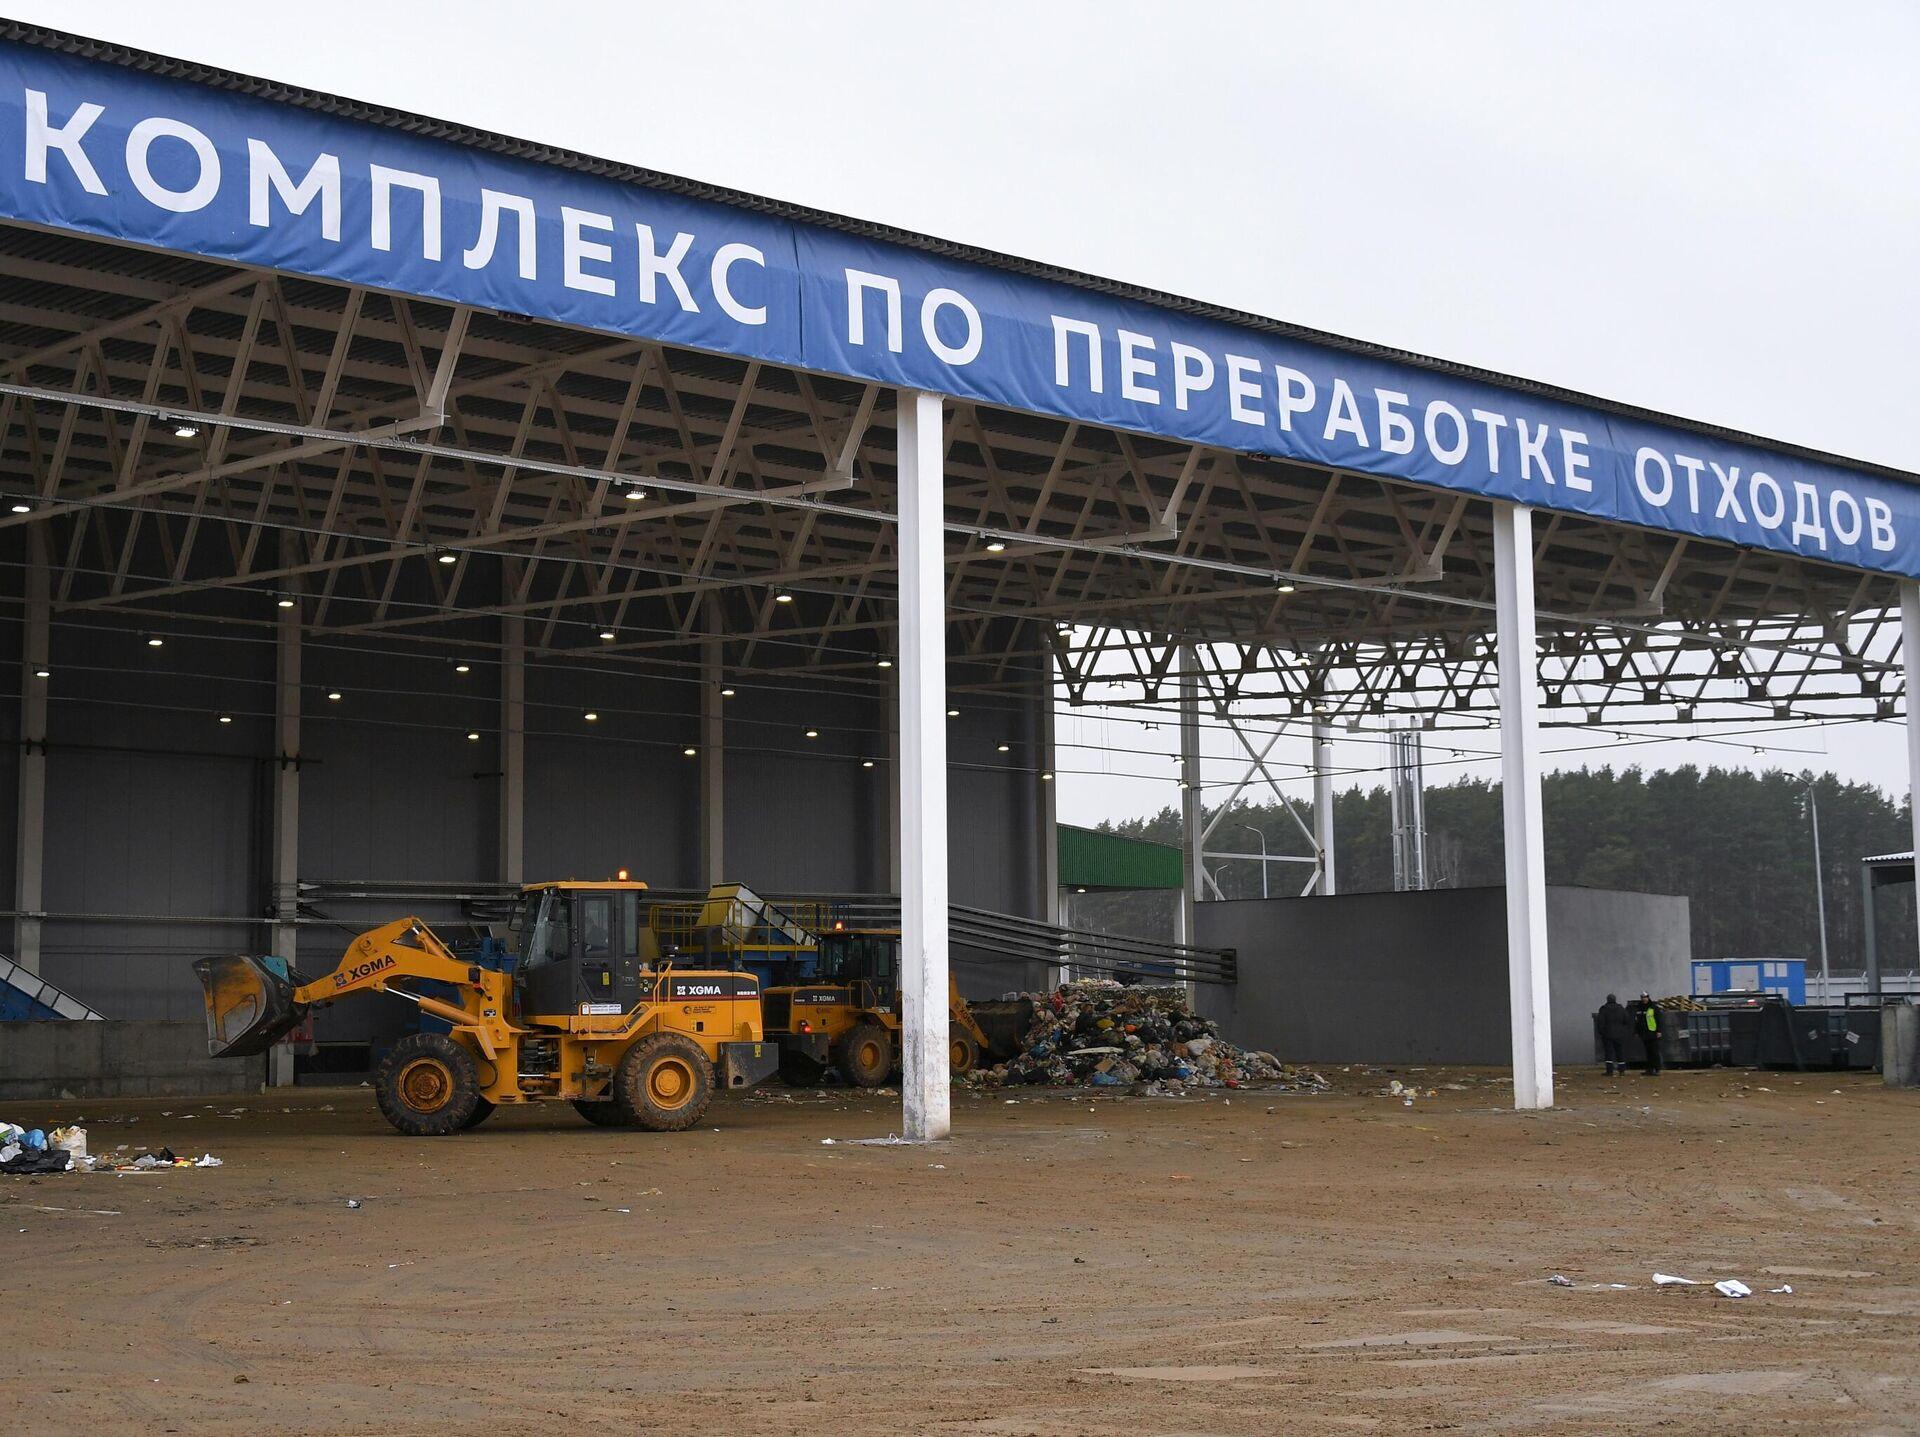 Предприятие по переработке отходов в Подмосковье  - РИА Новости, 1920, 09.10.2020